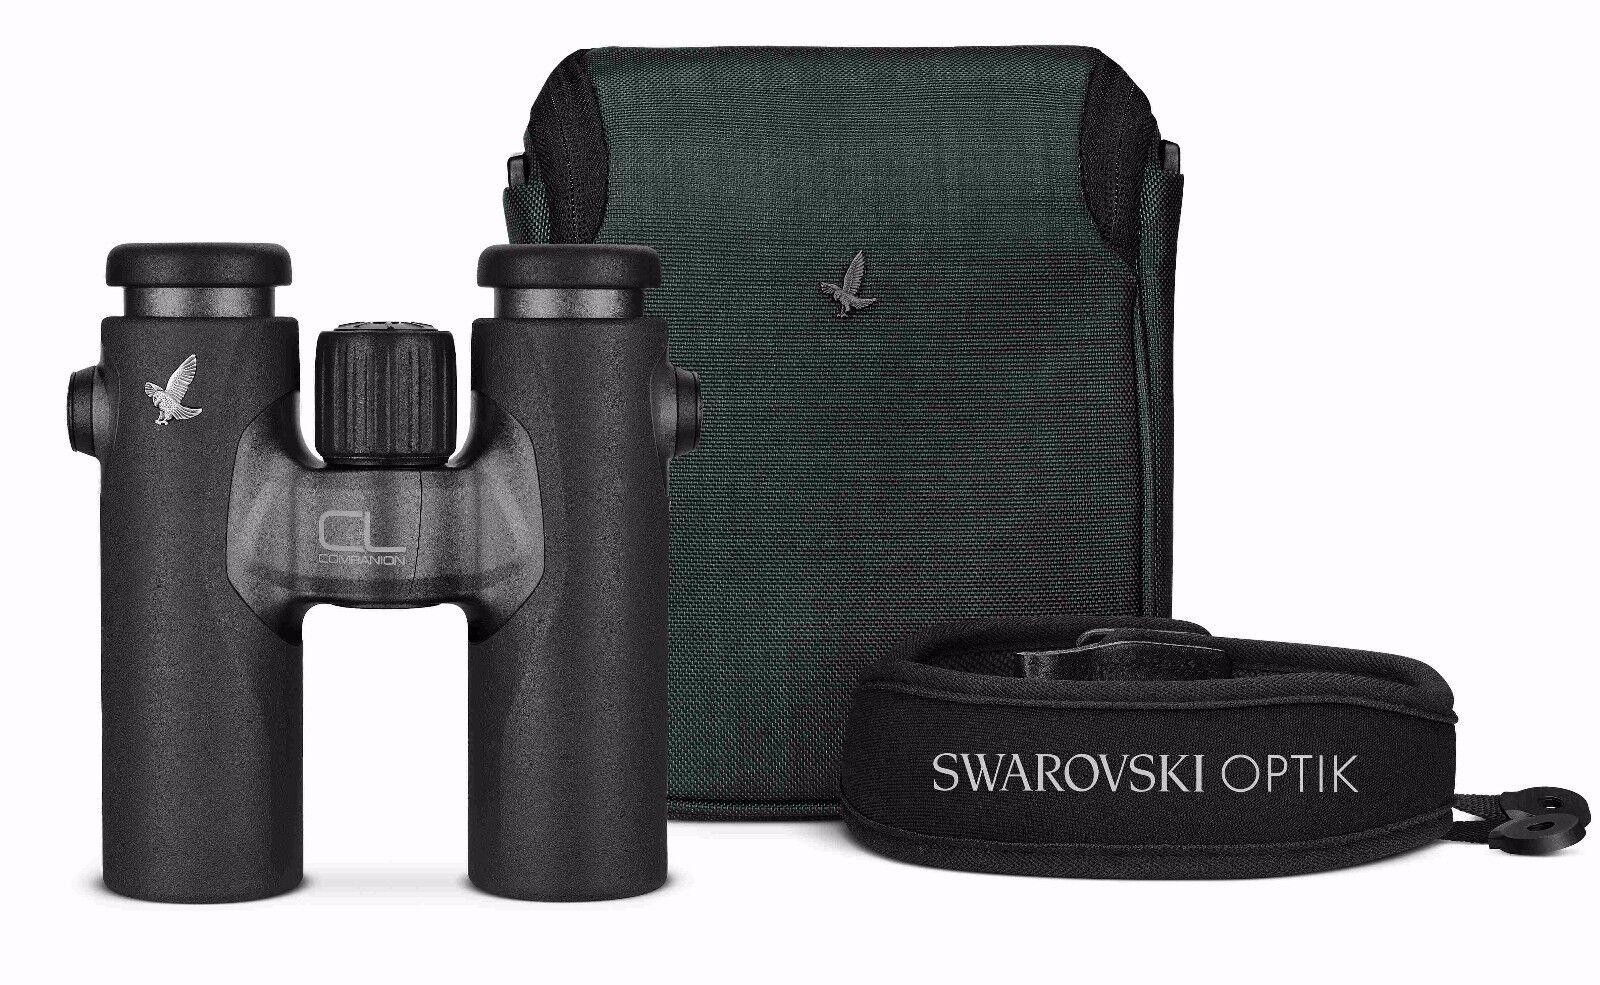 Leica Fernglas Mit Entfernungsmesser Geovid 8x56 R : Swarovski cl companion anthrazit urban jungle ebay